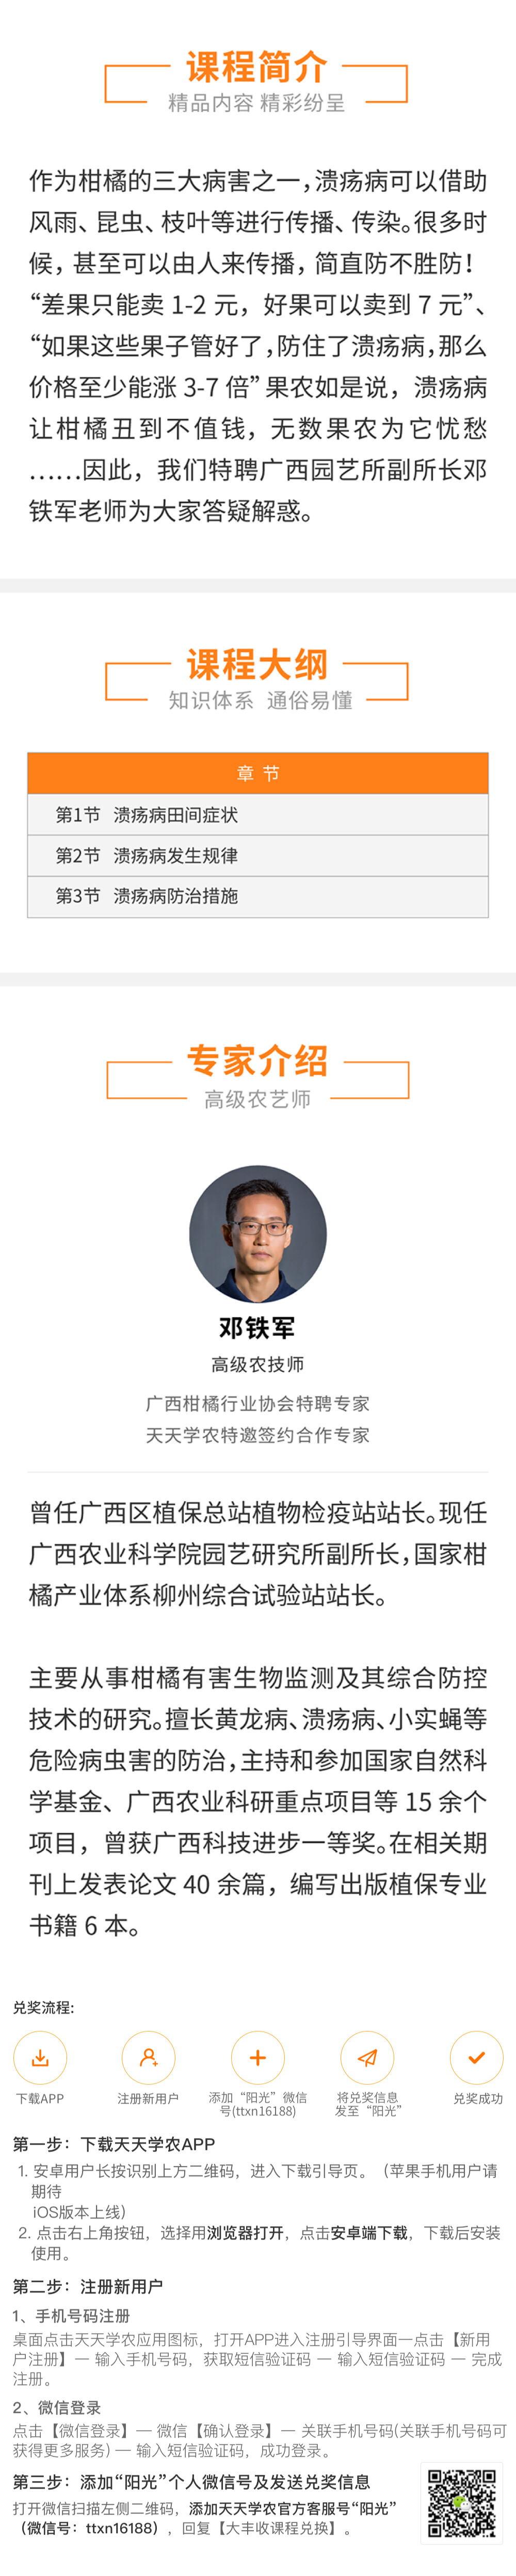 如何有效防治溃疡病课程_看图王.jpg